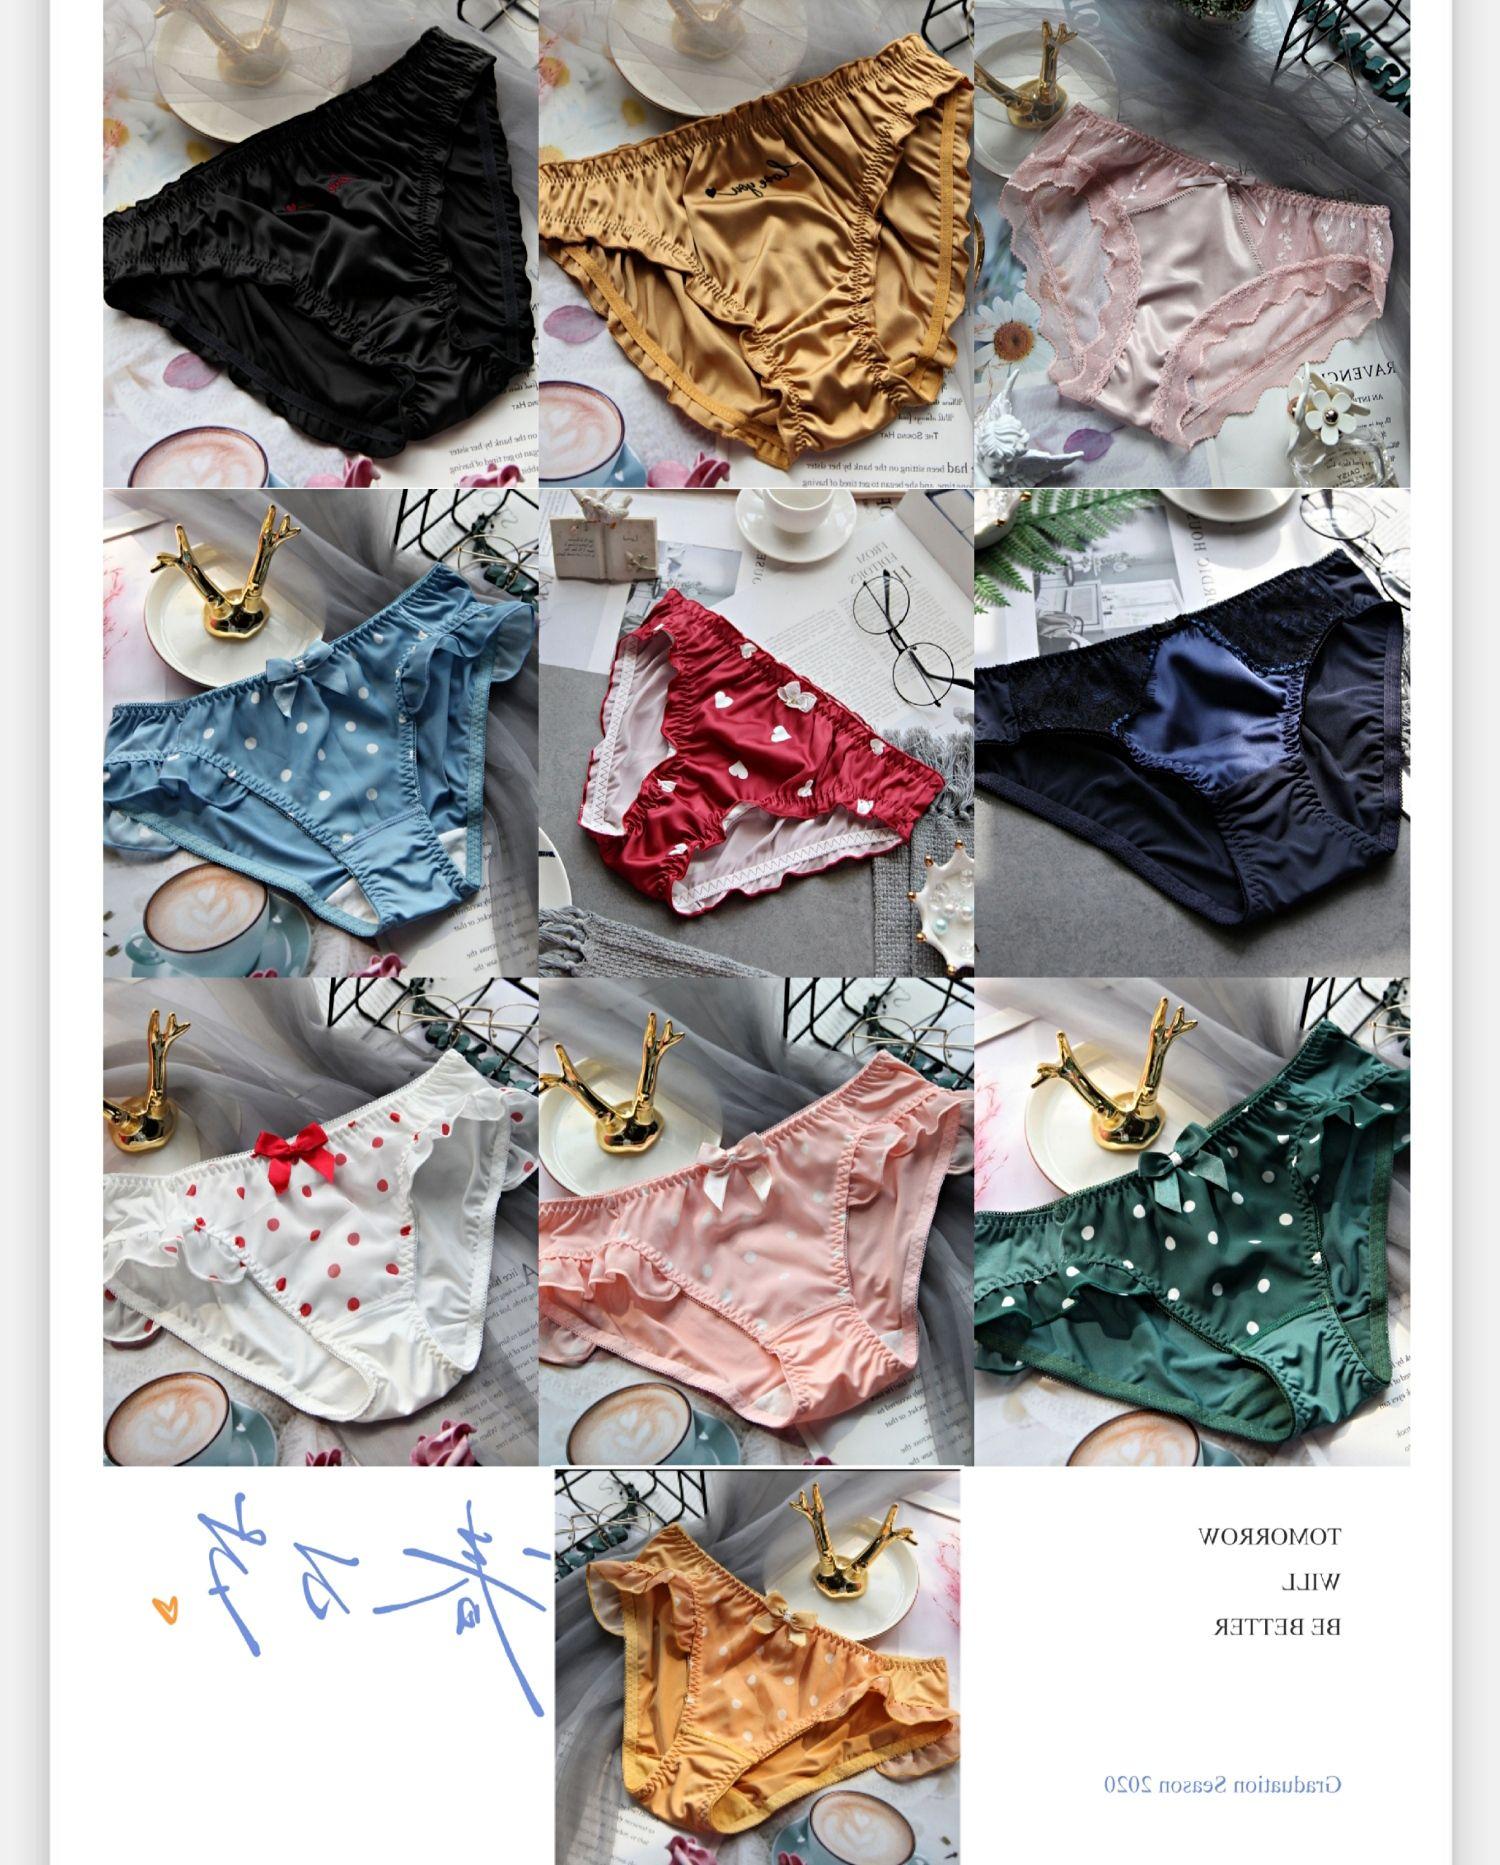 10 조각 DE 최신 새로운 디자인 편안한 여성 속옷 스타일 아름다운 속옷 섹시한 팬티 플러스 사이즈 여성 팬티